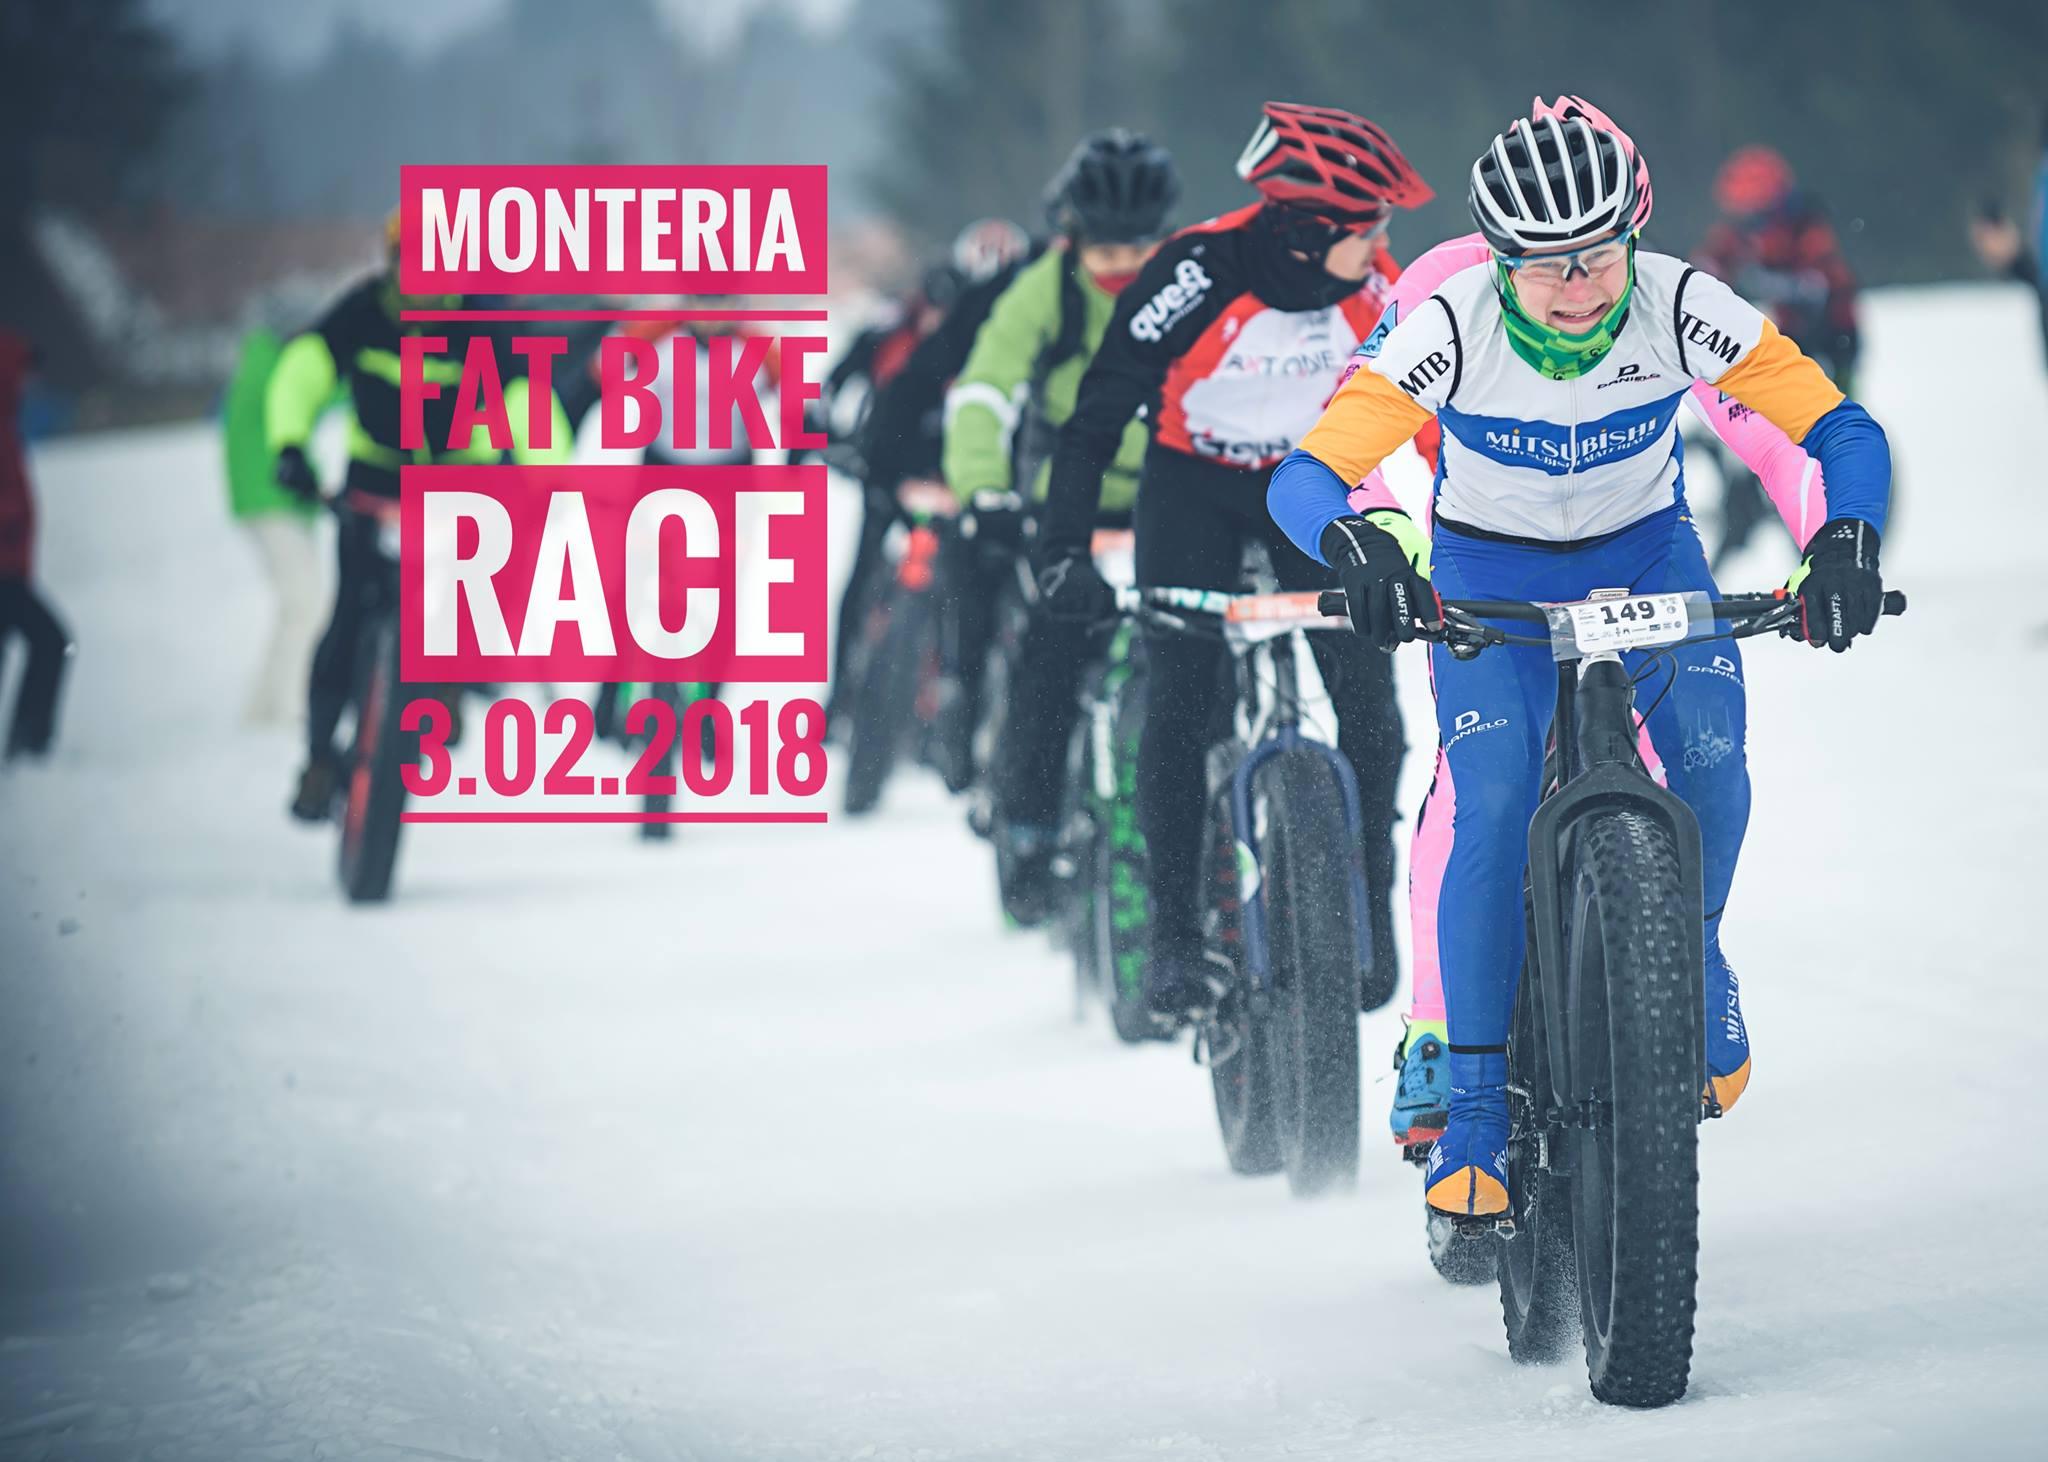 Monteria FBR 2018